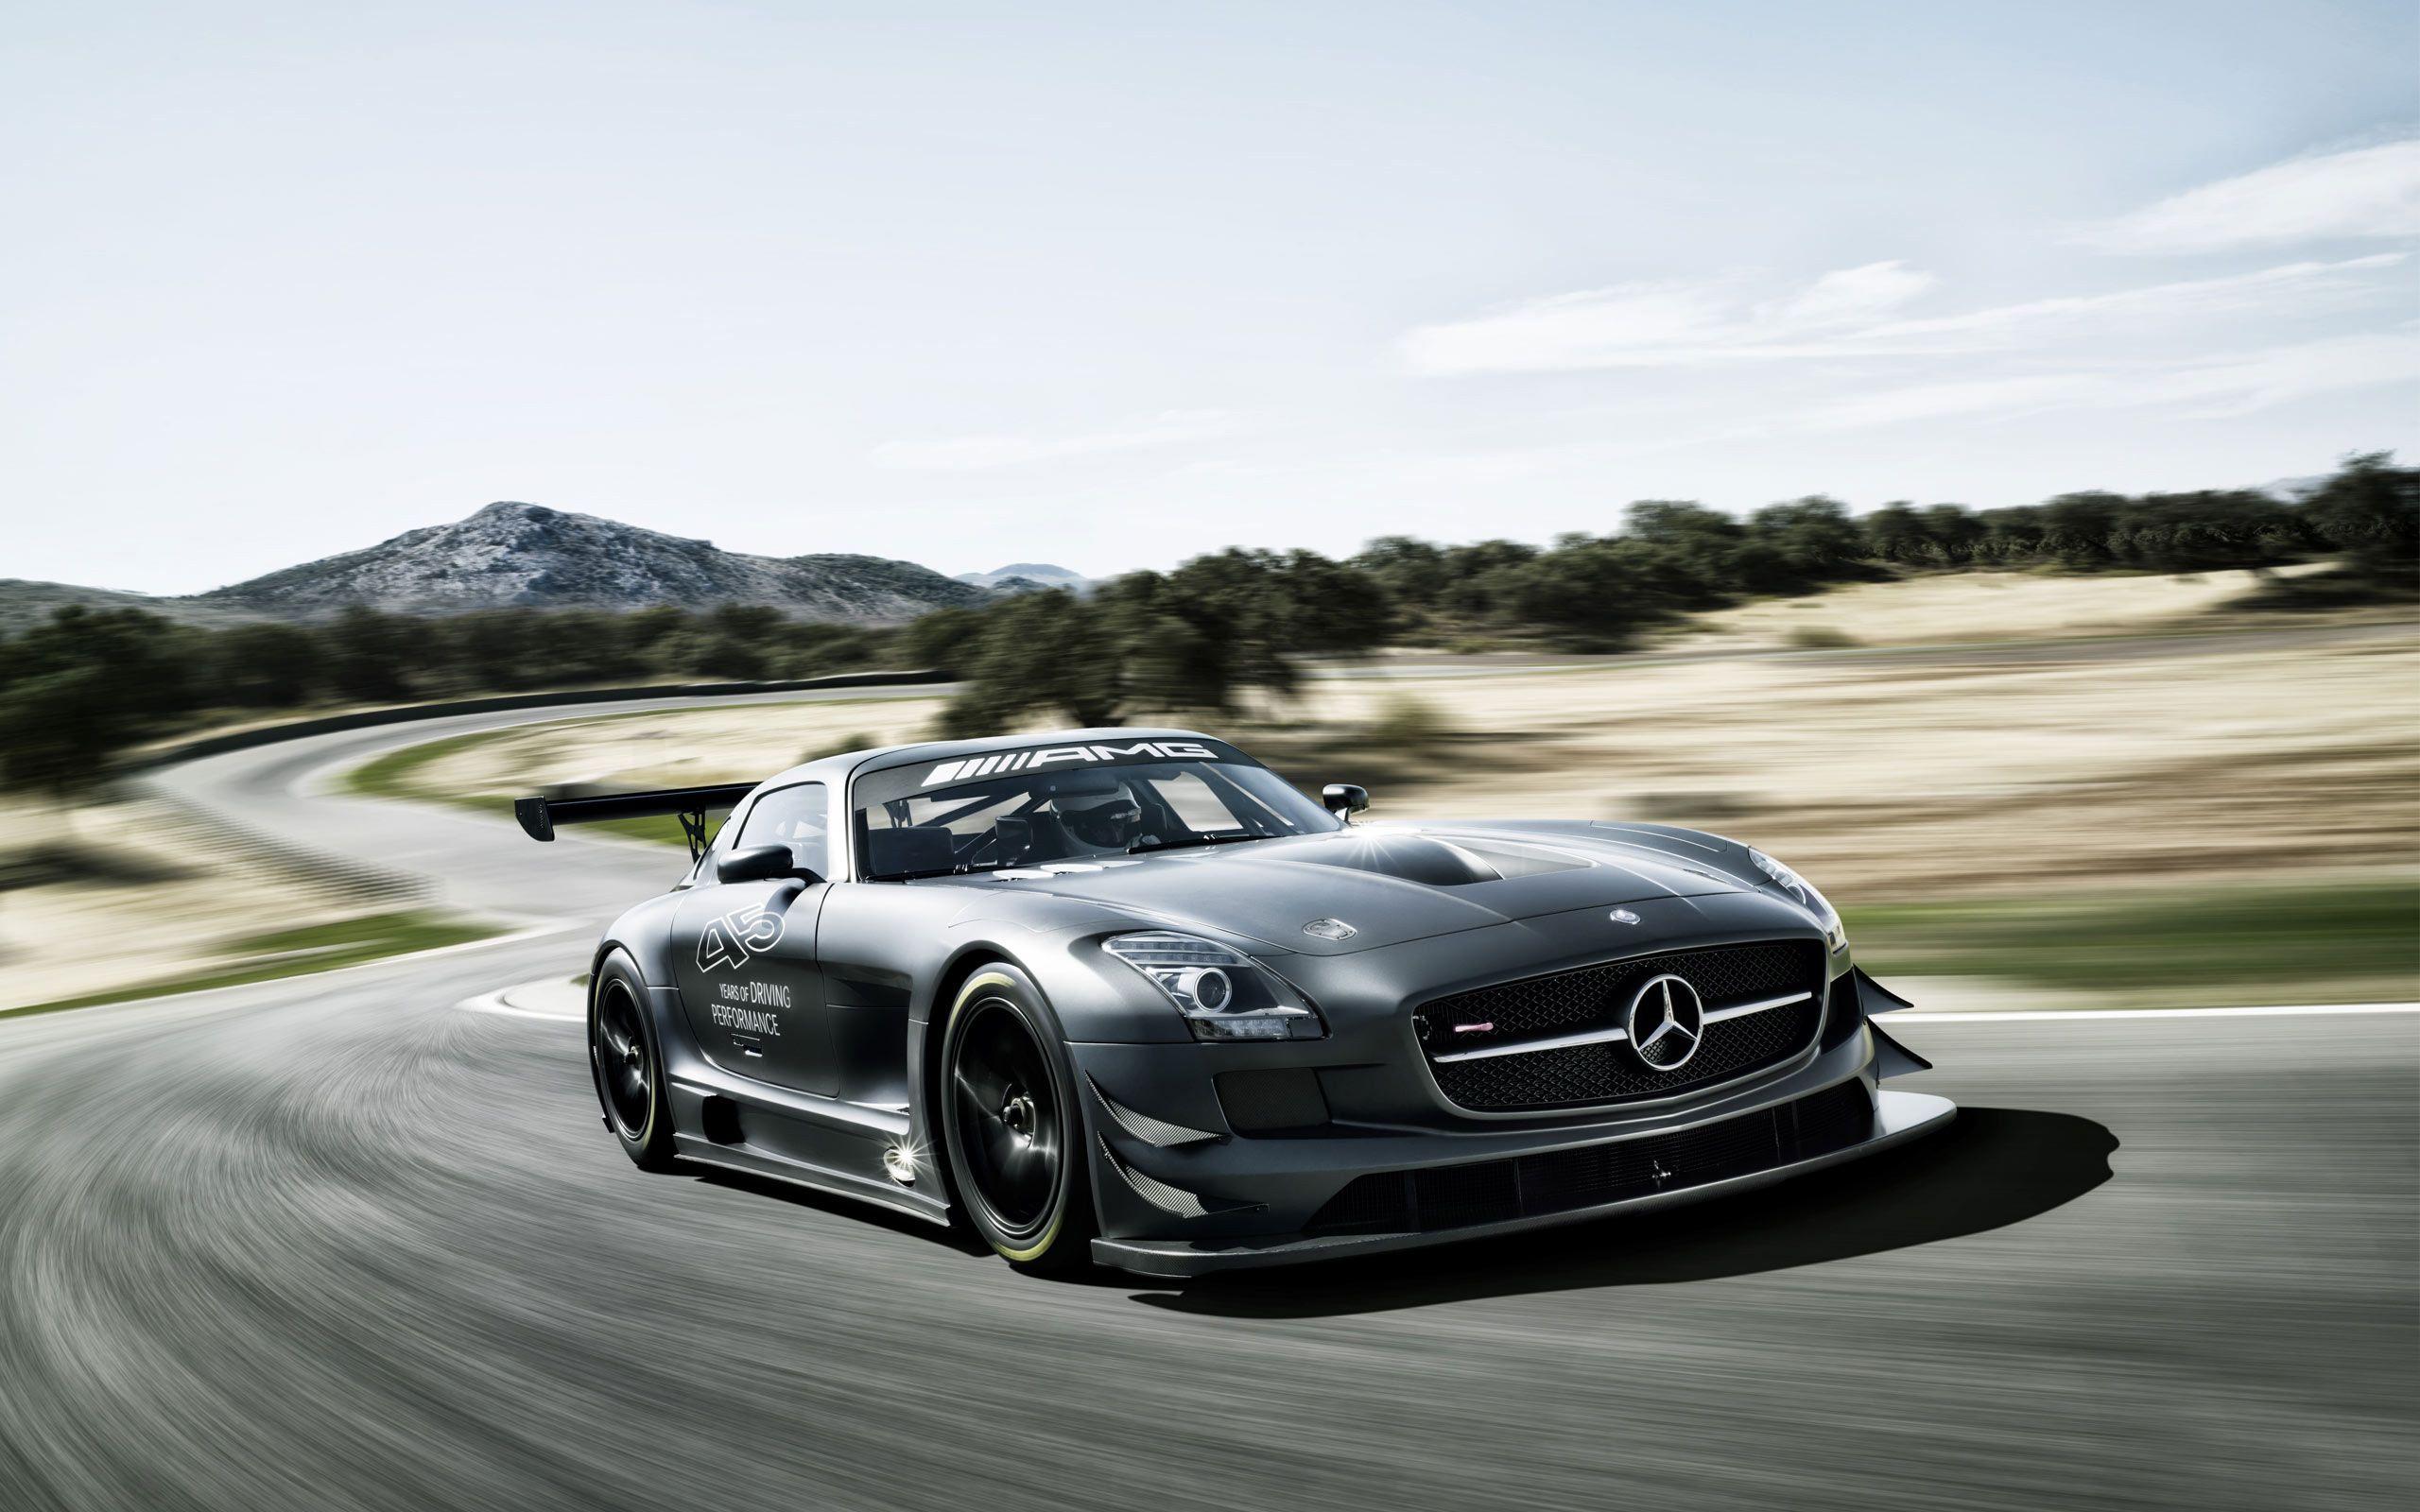 Mercedes Benz Sls Amg Gt3 Pensi Di Essere All Altezza Mercedes